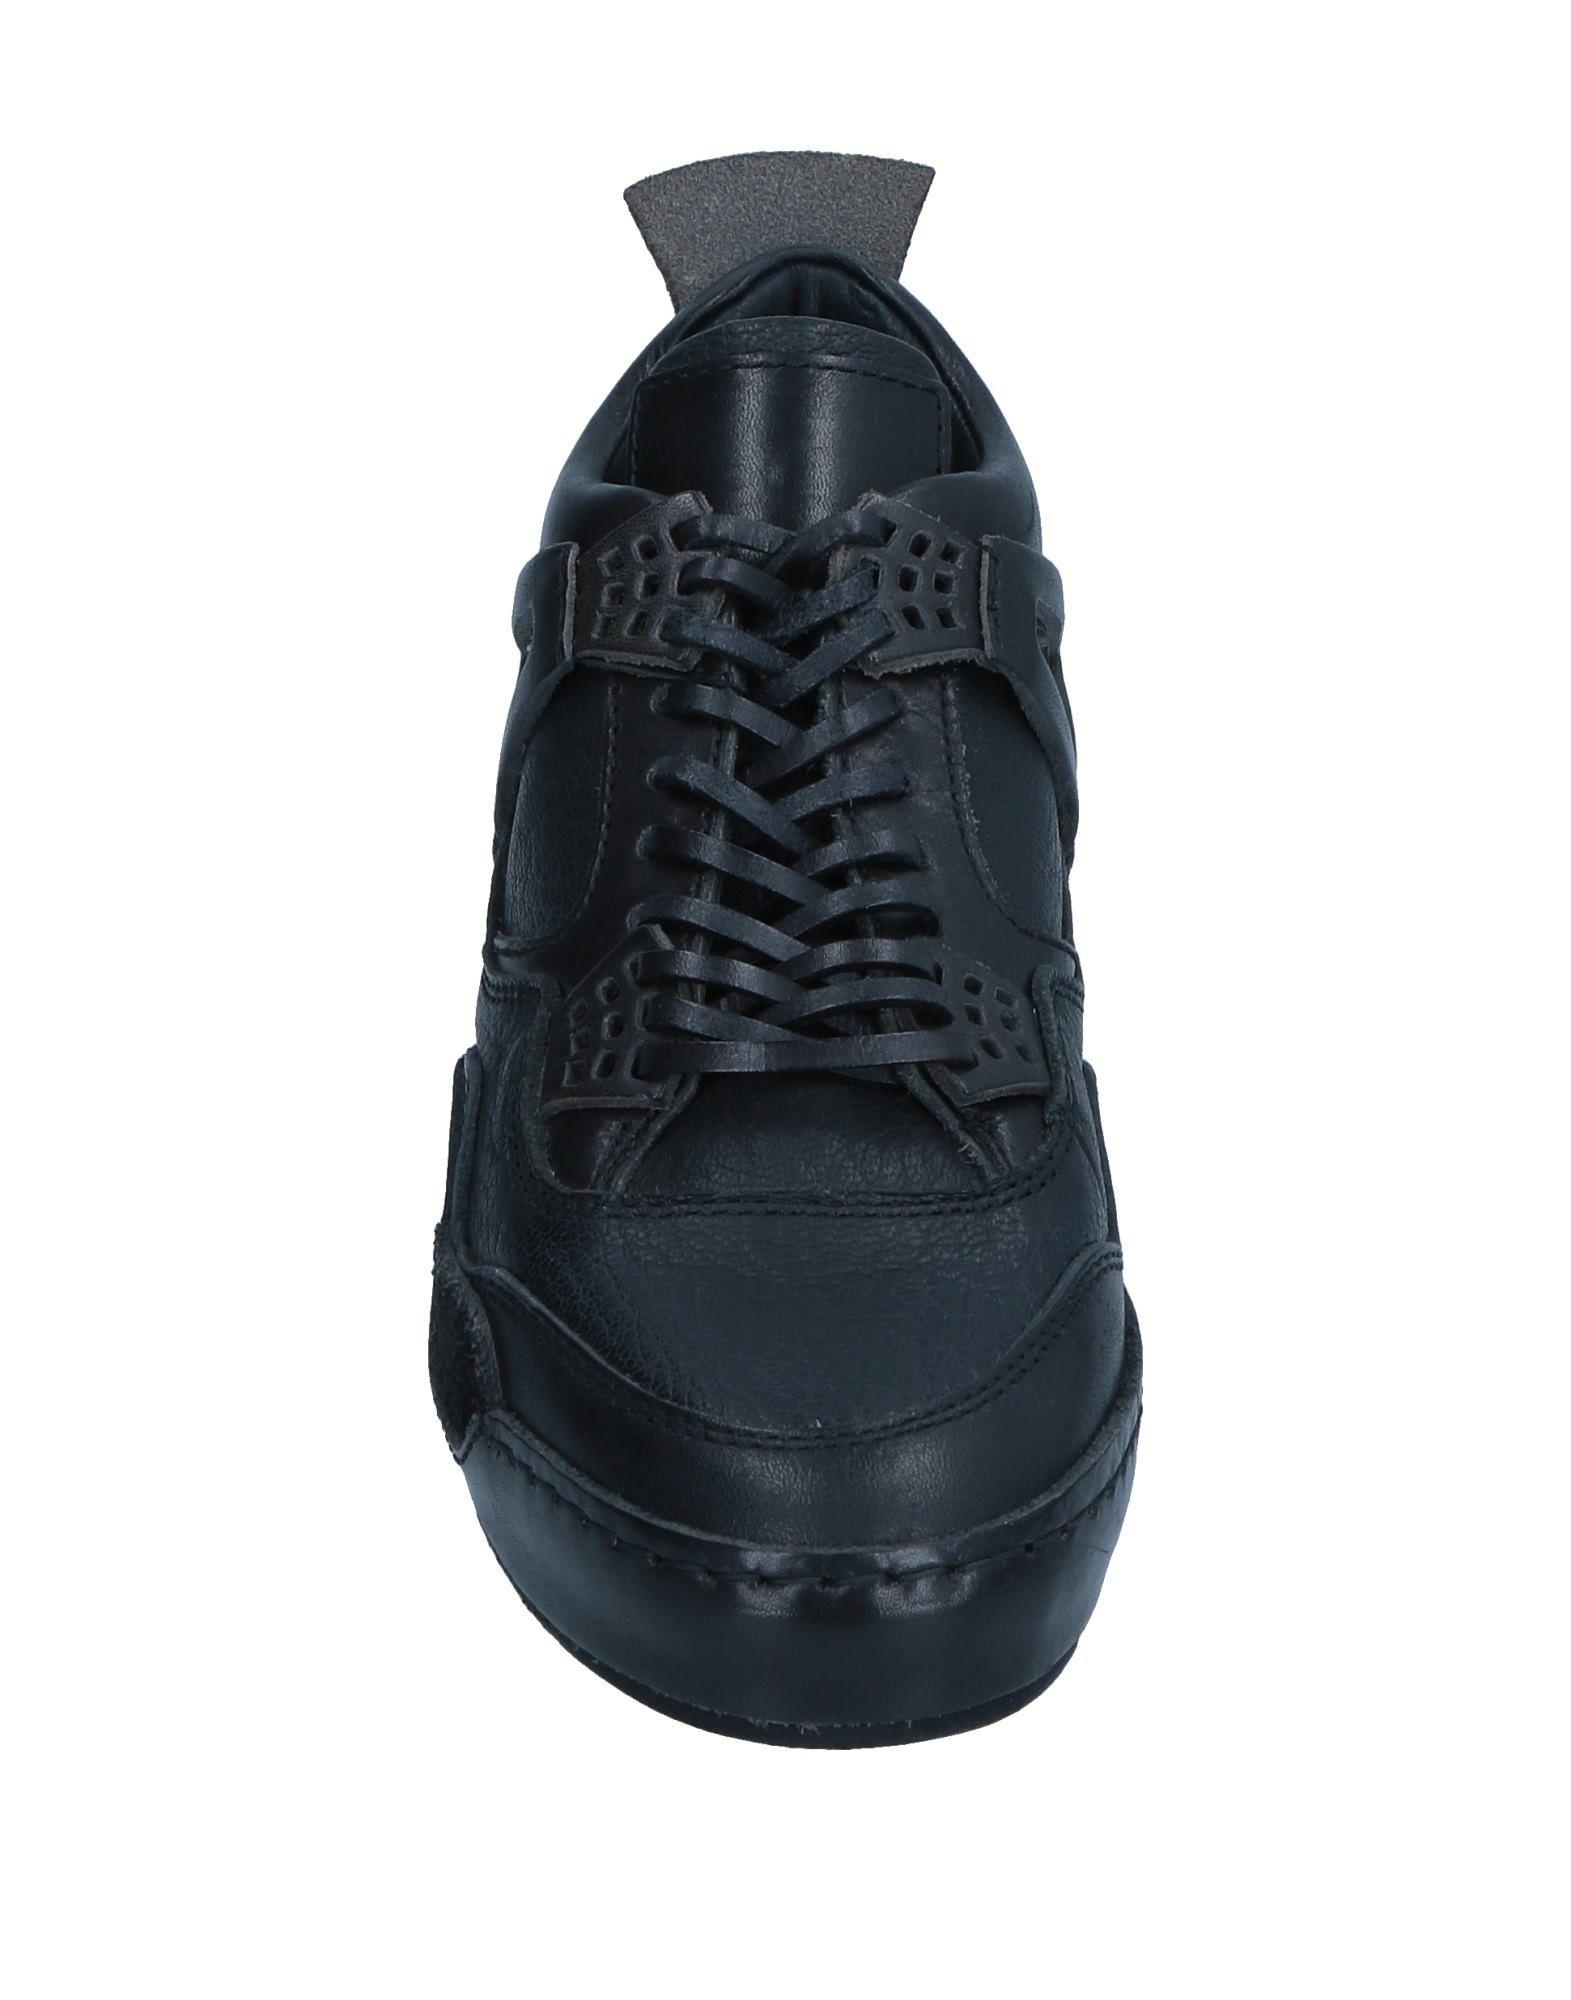 H.   Hender Scheme Sneakers Damen   11558017KEGünstige gut aussehende Schuhe 4cfb98